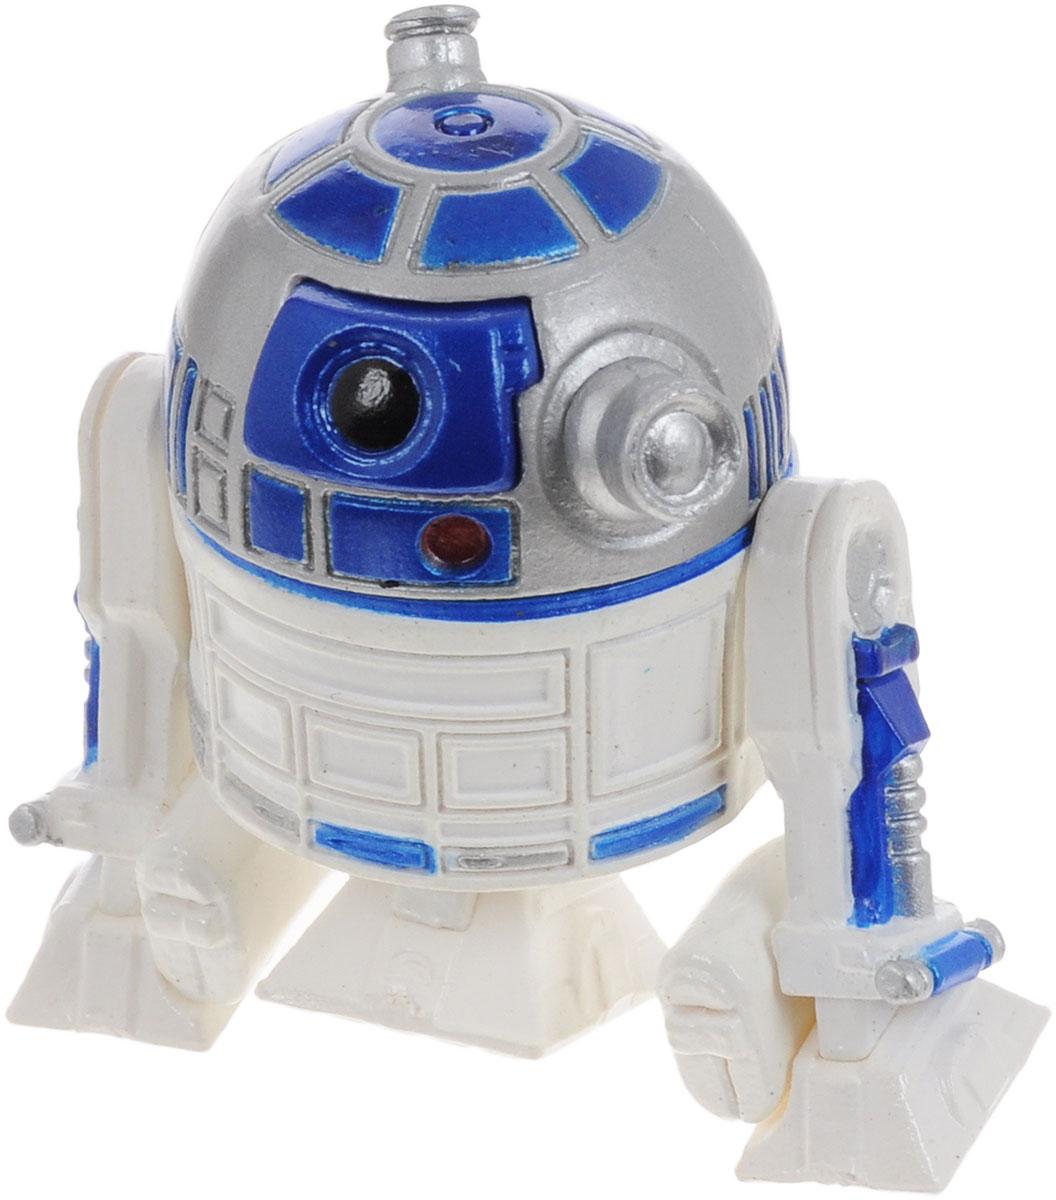 Star Wars Фигурка R2-D284627Сборная фигурка Star Wars R2-D2 поможет вам и вашему ребенку придумать увлекательное занятие на долгое время. Модель представляет собой робота-дроида R2-D2, чей необычный внешний вид и авантюрный характер запомнились всем зрителям со дня первого выхода на экраны IV эпизода Звёздных Войн. Фигурка имеет подвижную голову и конечности. Благодаря небольшому размеру и отличному качеству, она прекрасно подходит как для игры, так и для коллекционирования. Процесс сборки развивает интеллектуальные и инструментальные способности, воображение и конструктивное мышление, а также прививает практические навыки работы со схемами и чертежами.